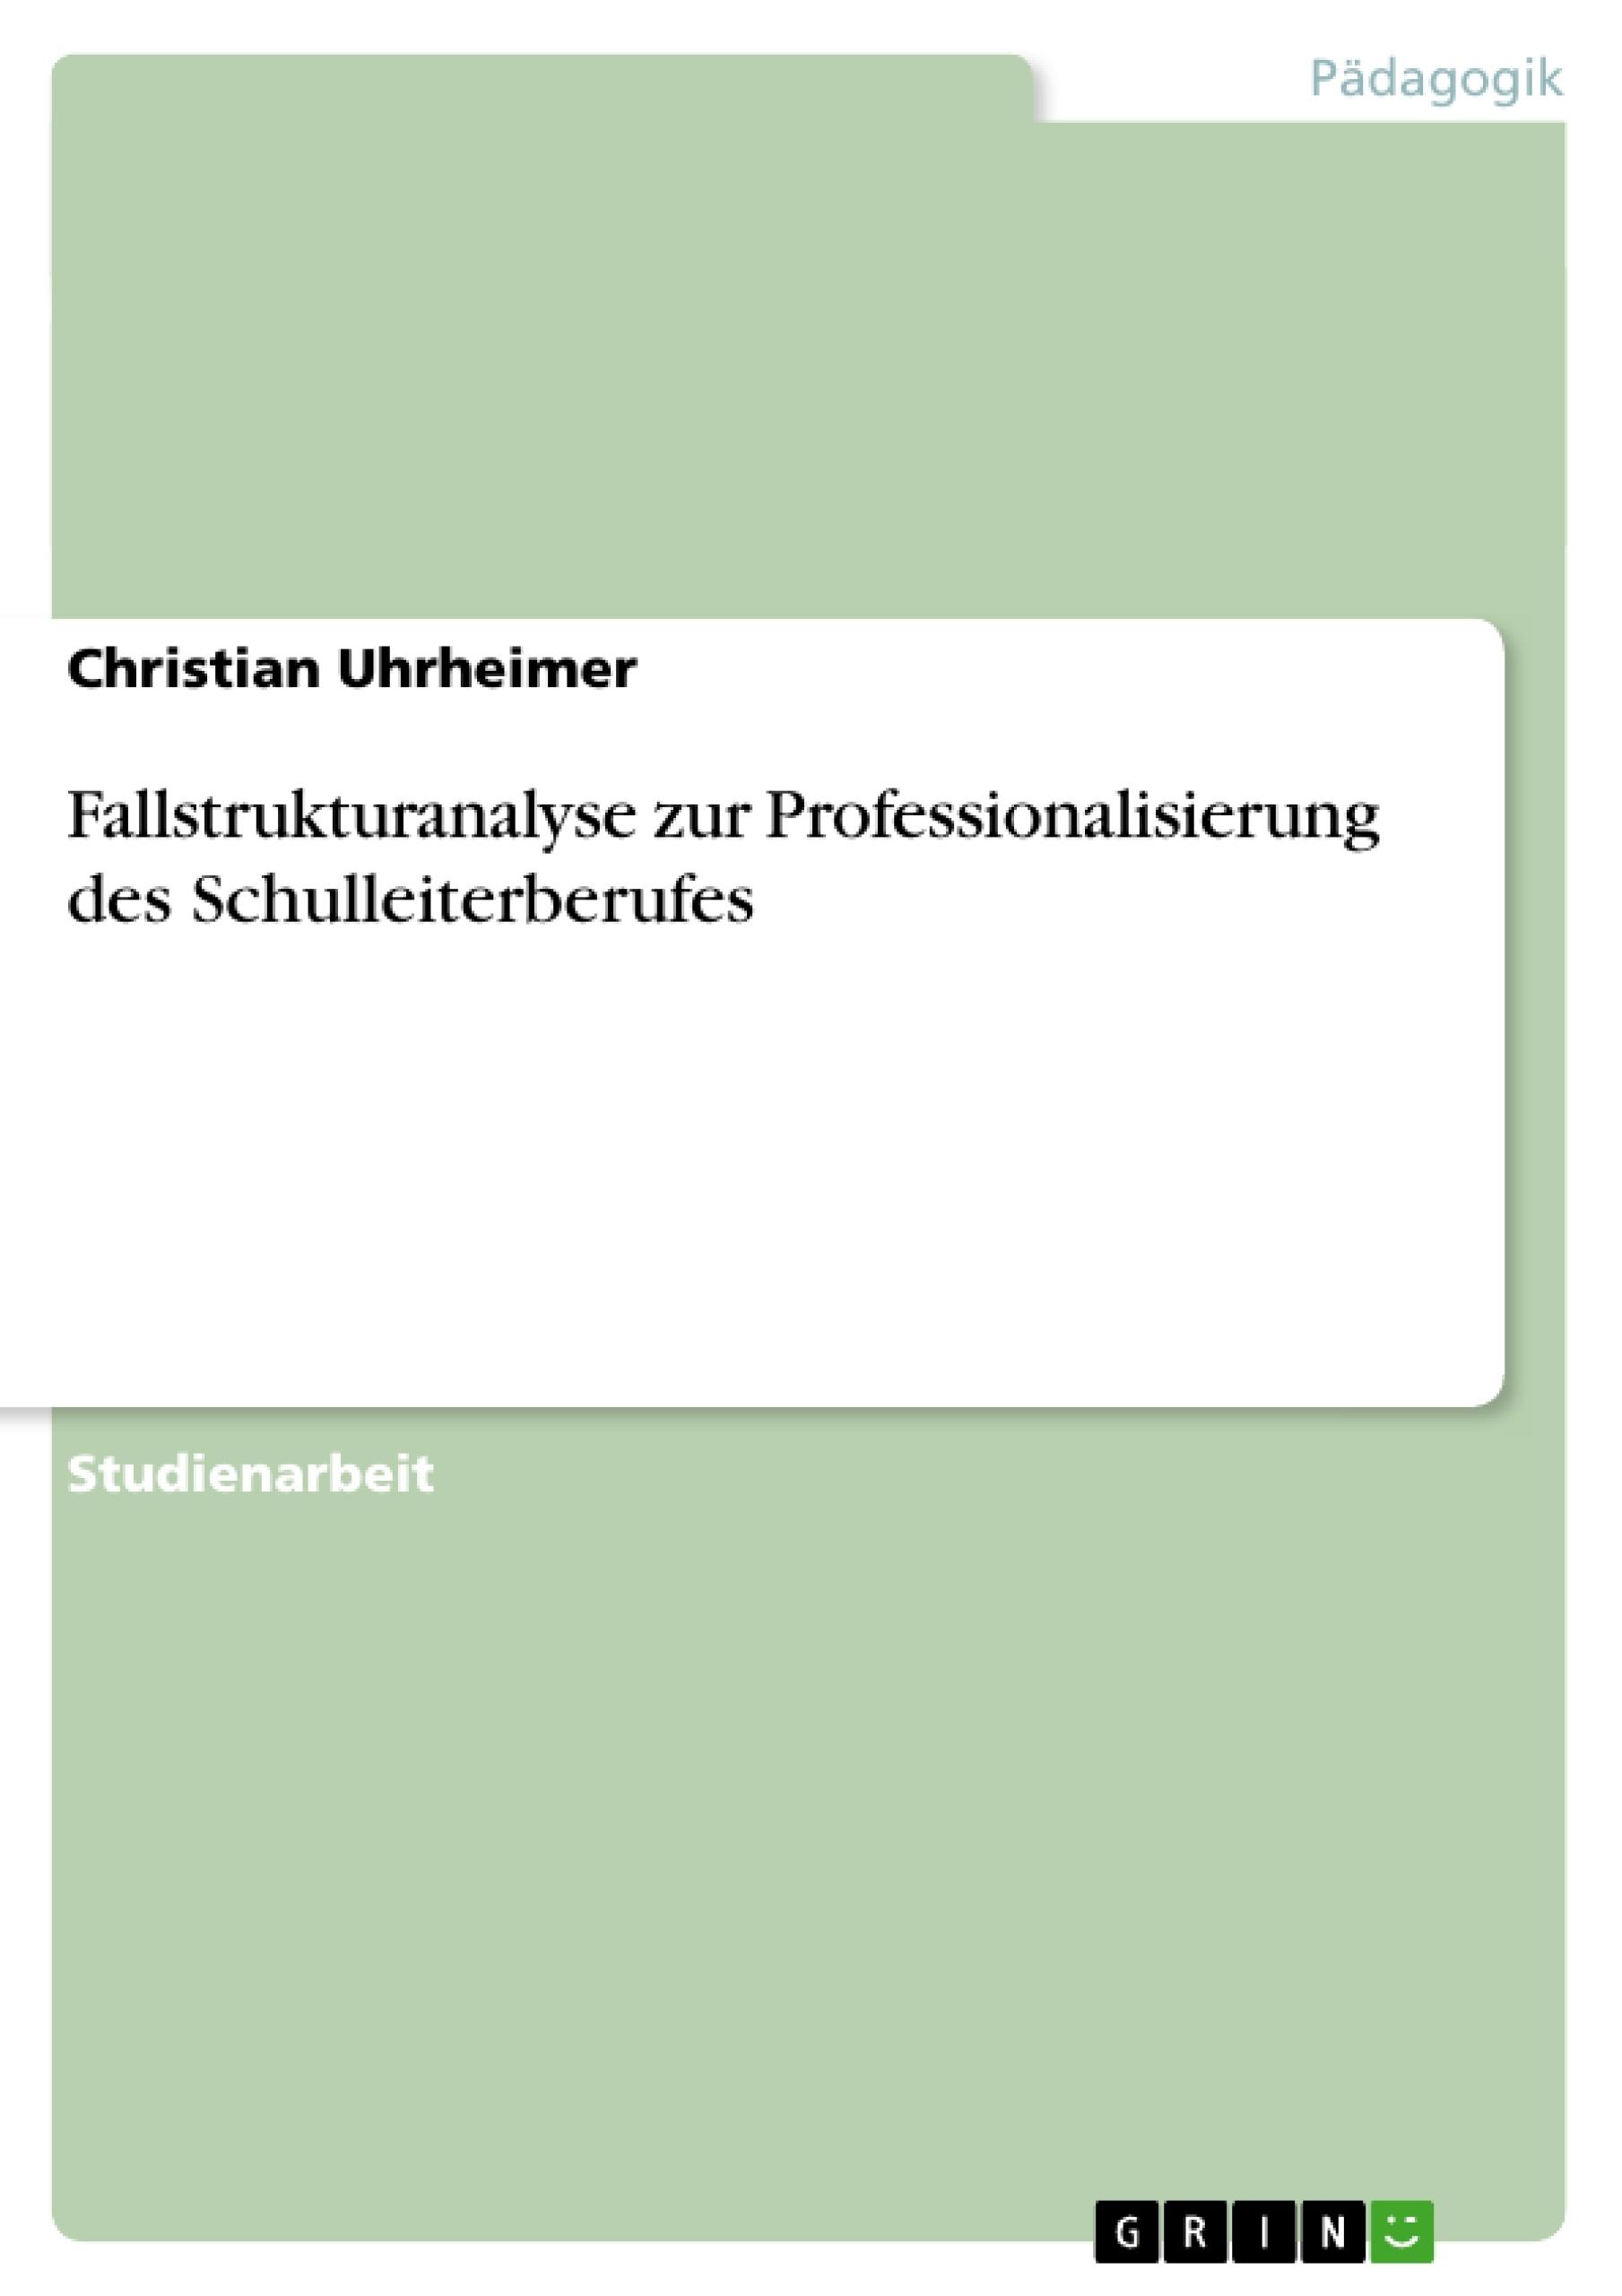 Titel: Fallstrukturanalyse zur Professionalisierung des Schulleiterberufes